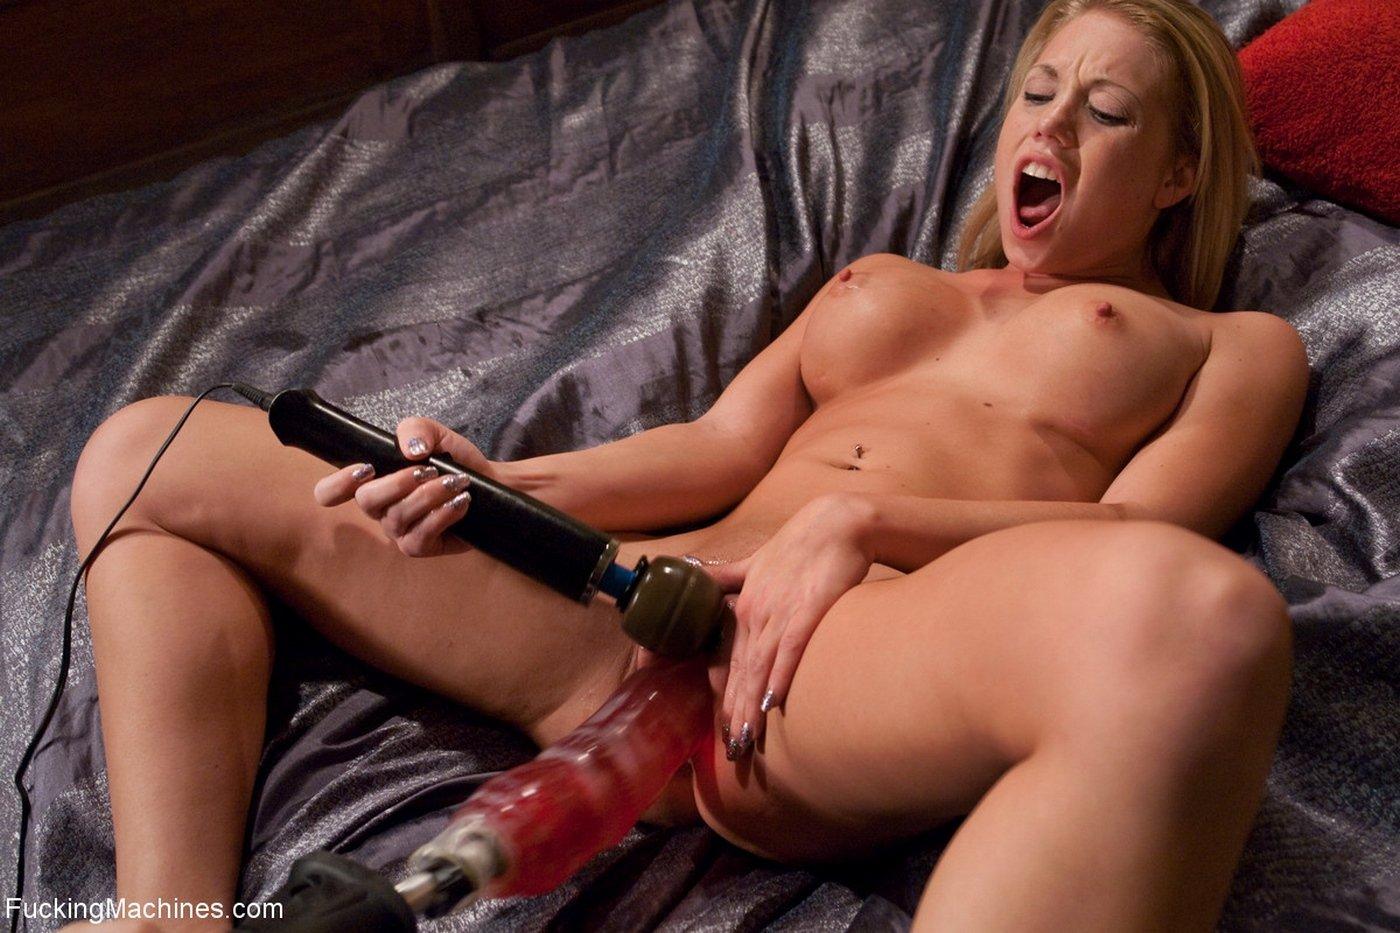 Порно секс машина доводит девушку до оргазма — pic 12